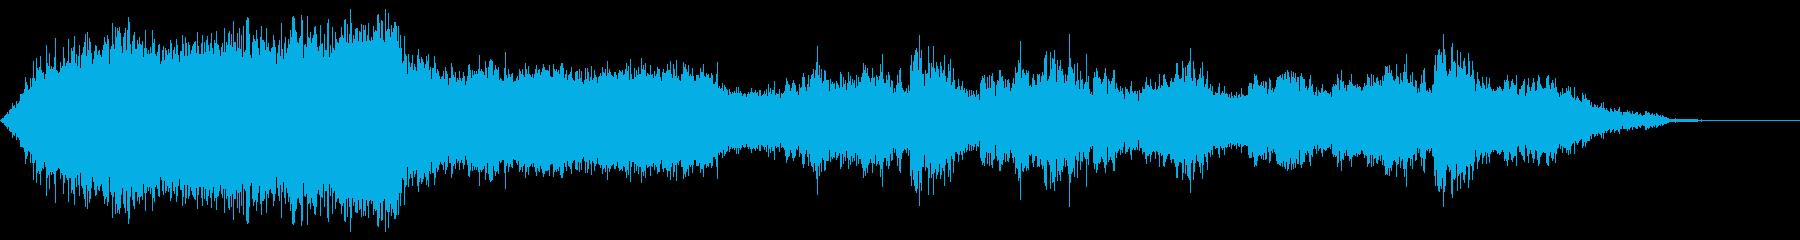 メタリックエアリーシュリルベルトー...の再生済みの波形